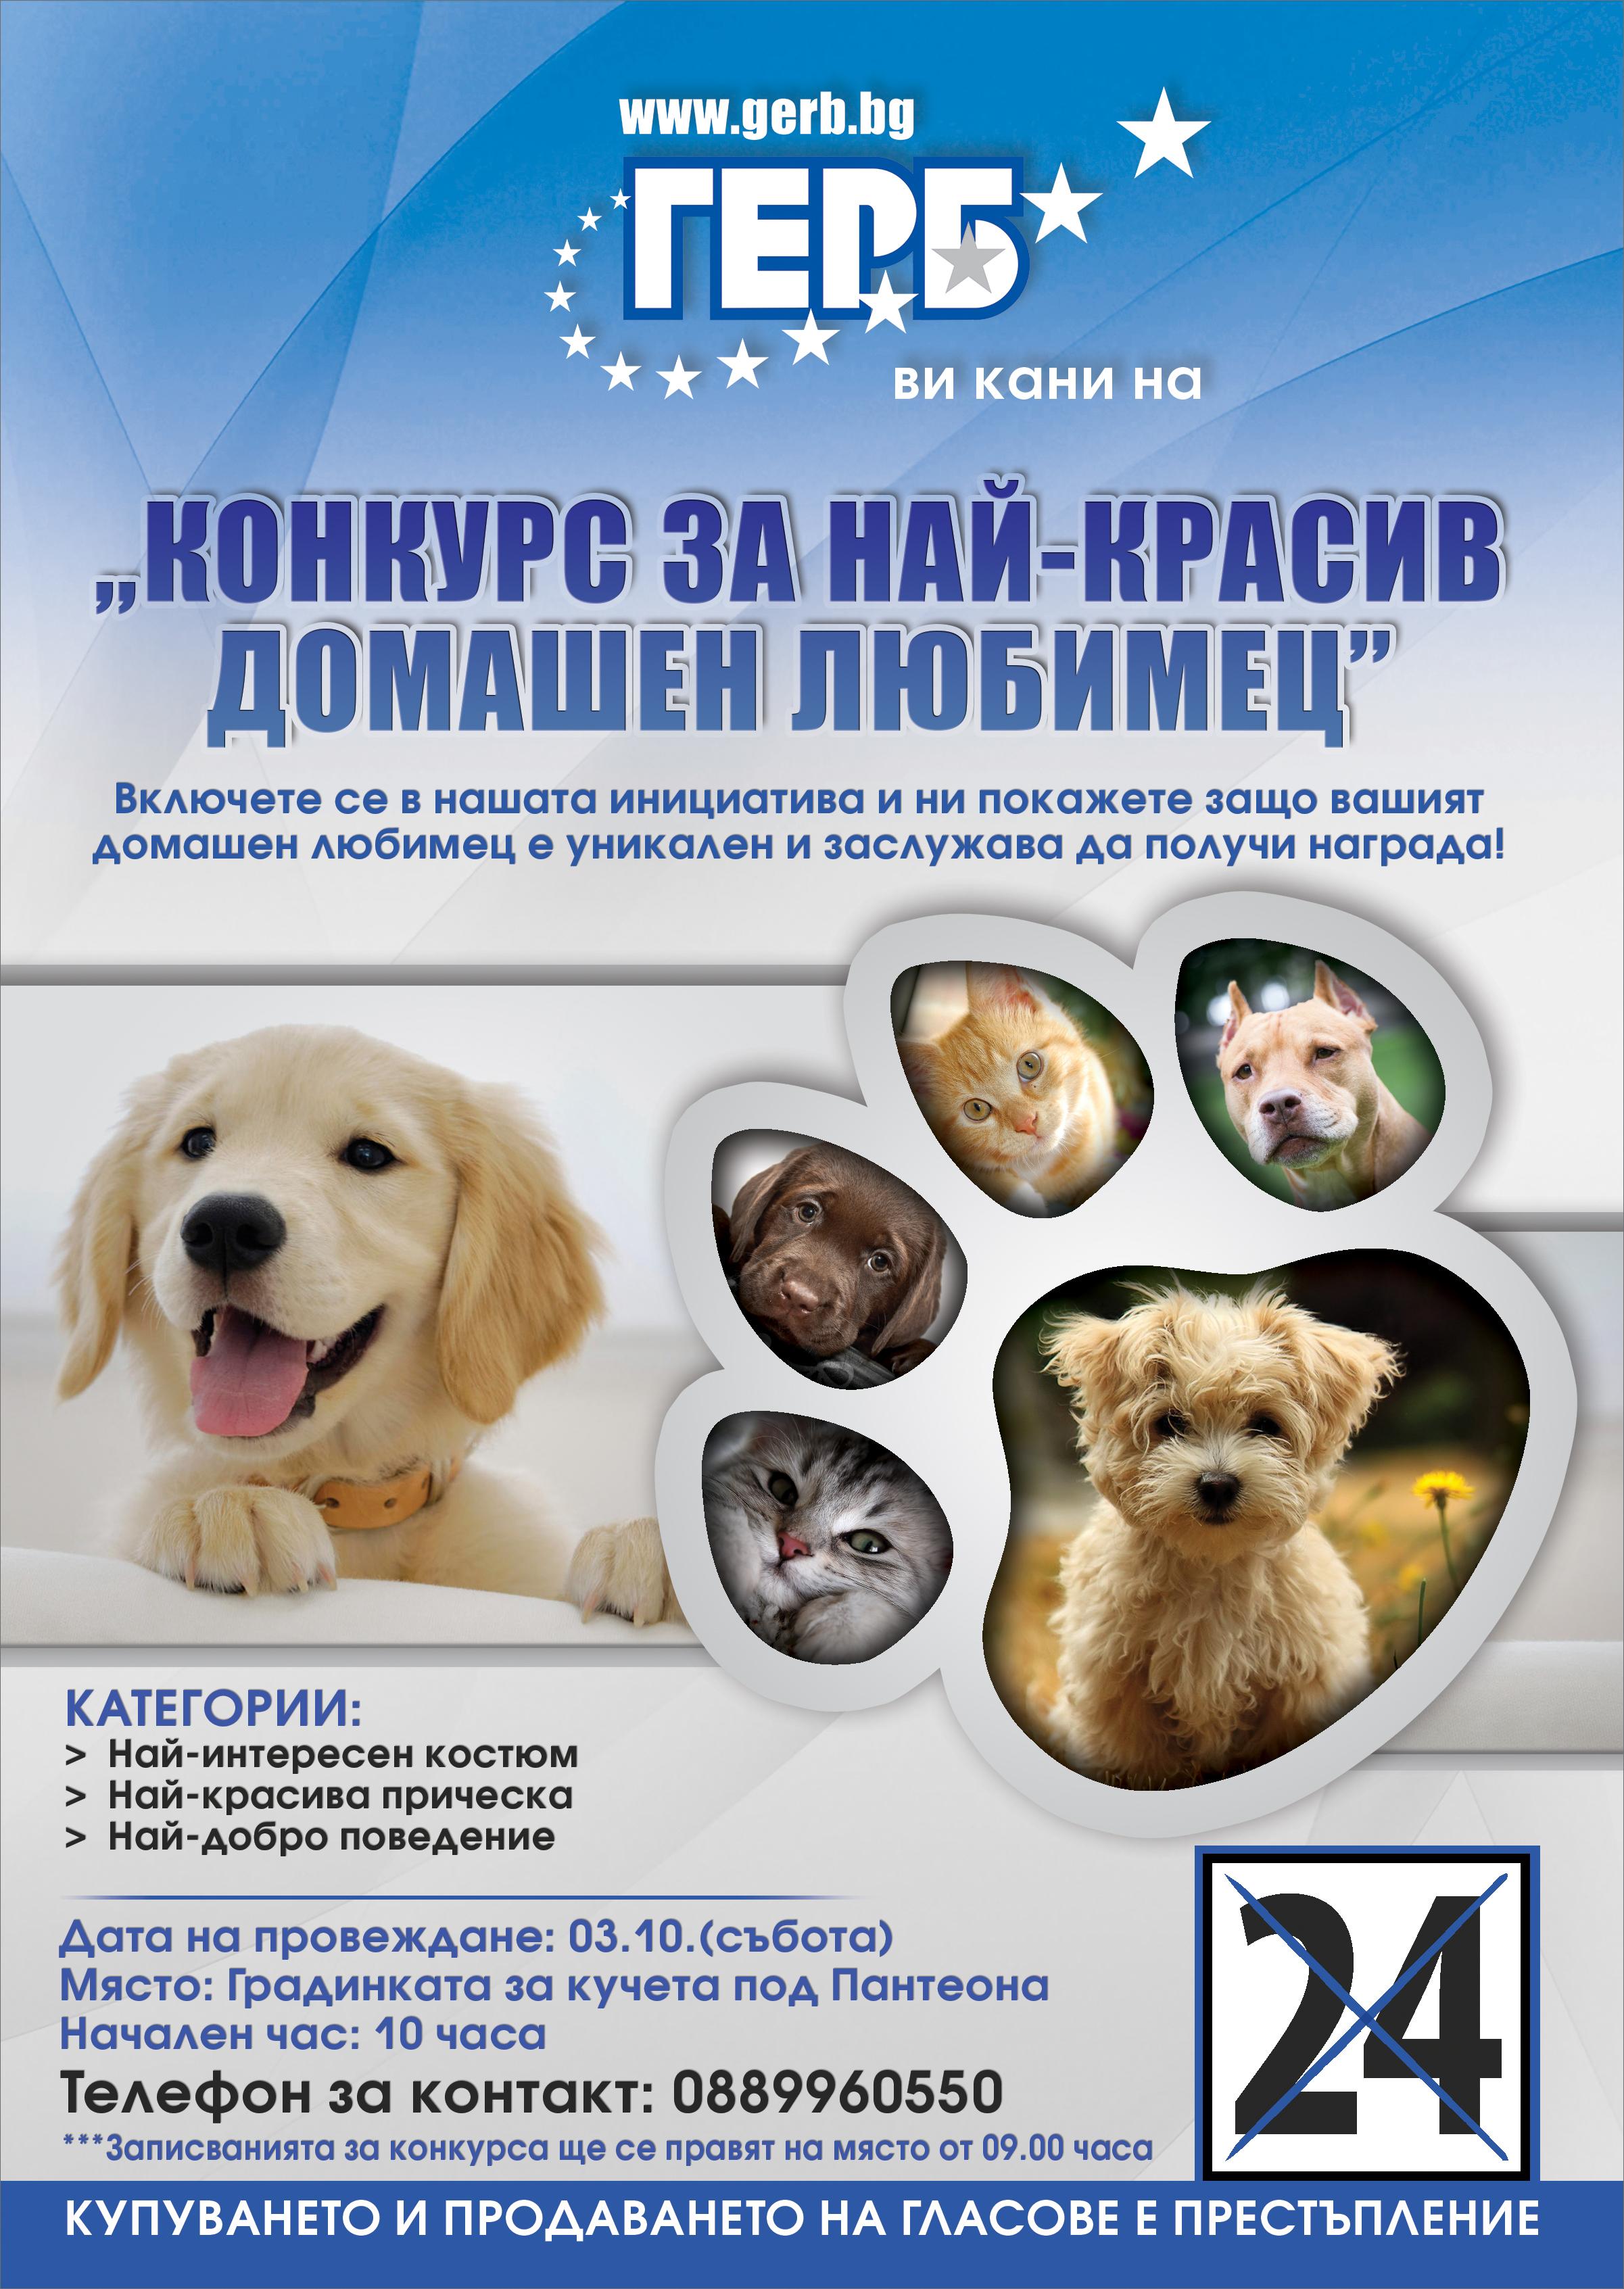 izbori_2015_kassabova_3